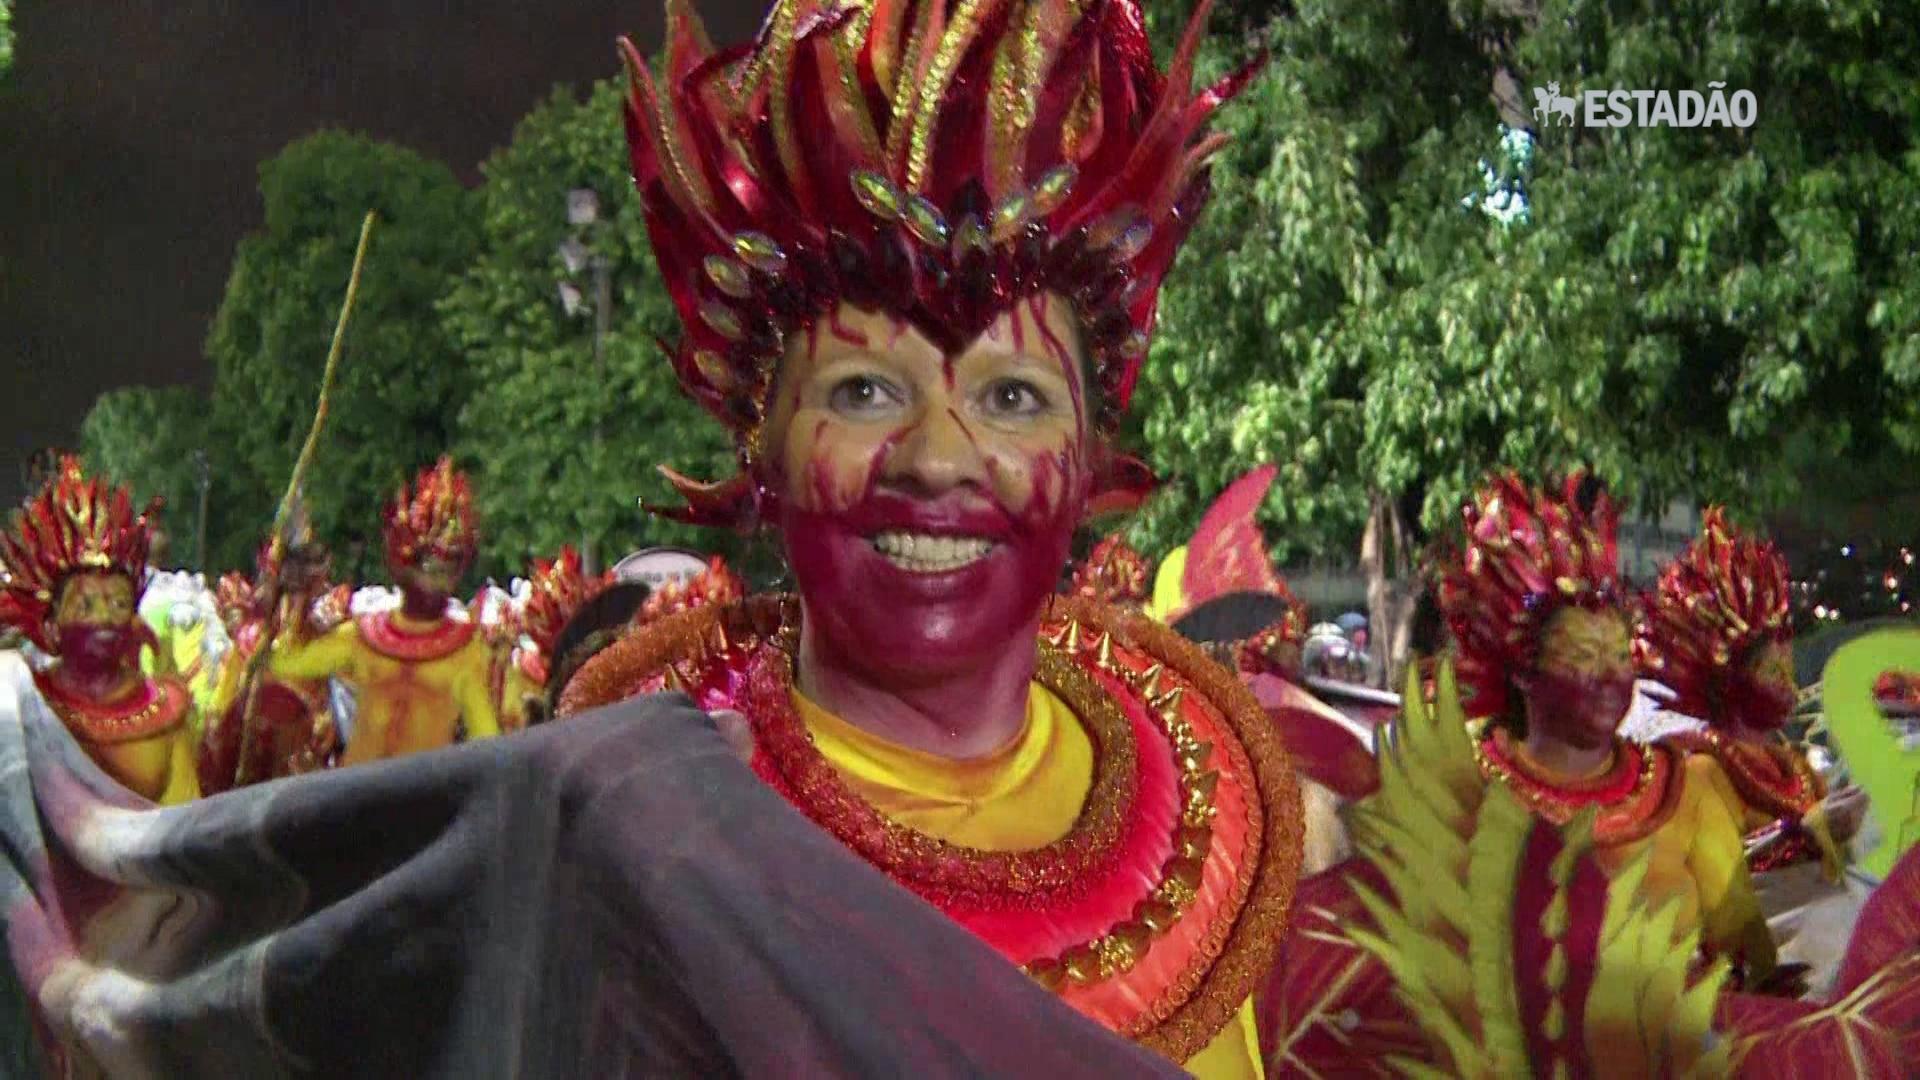 Escolas de samba desfilam sob chuva na Sapucaí